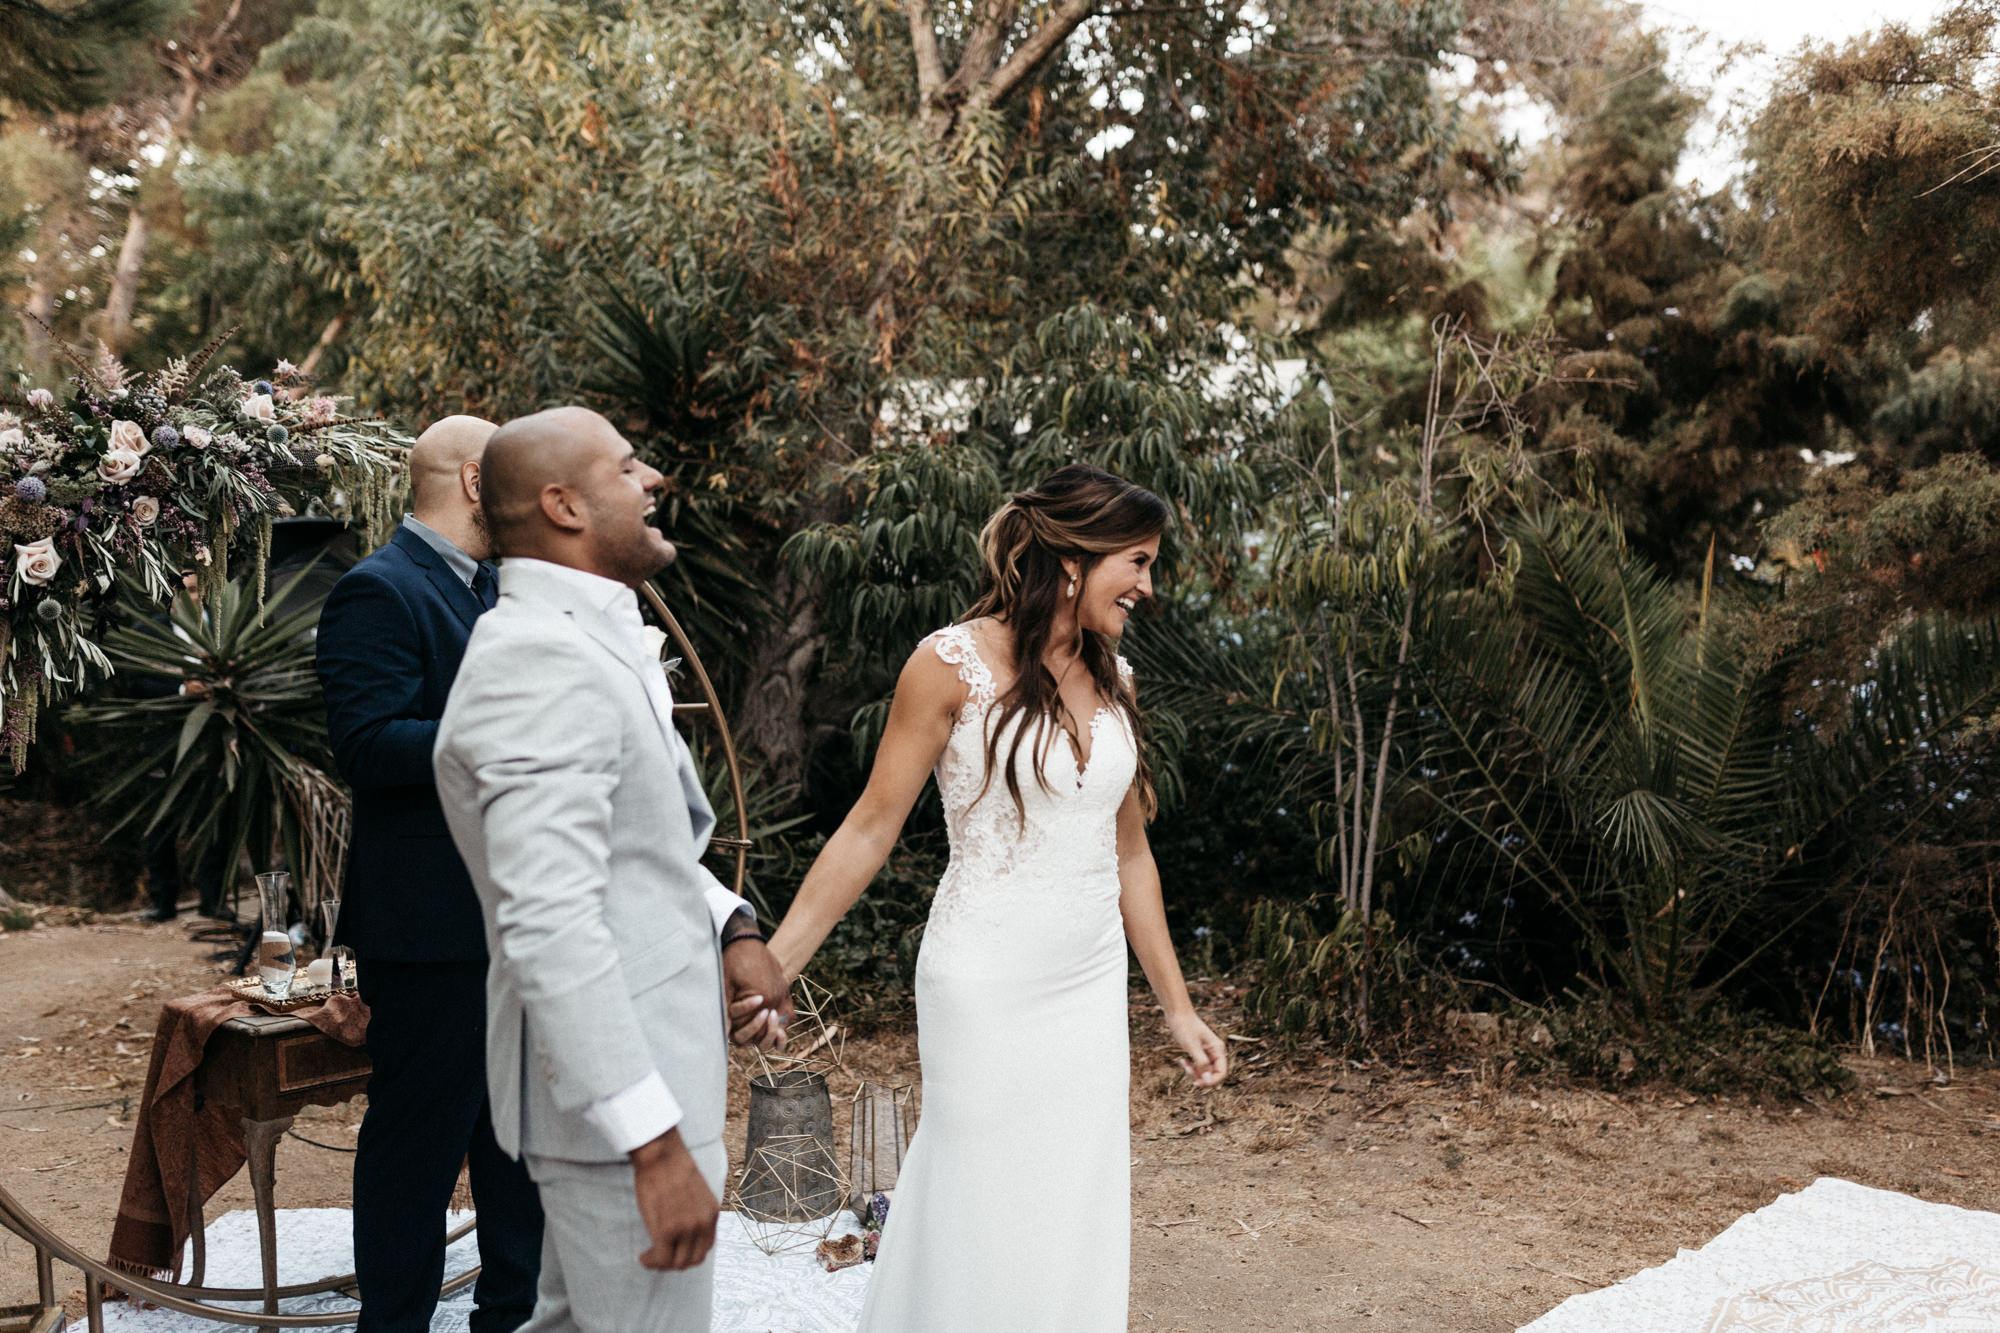 the_fire_garden_wedding-51.jpg